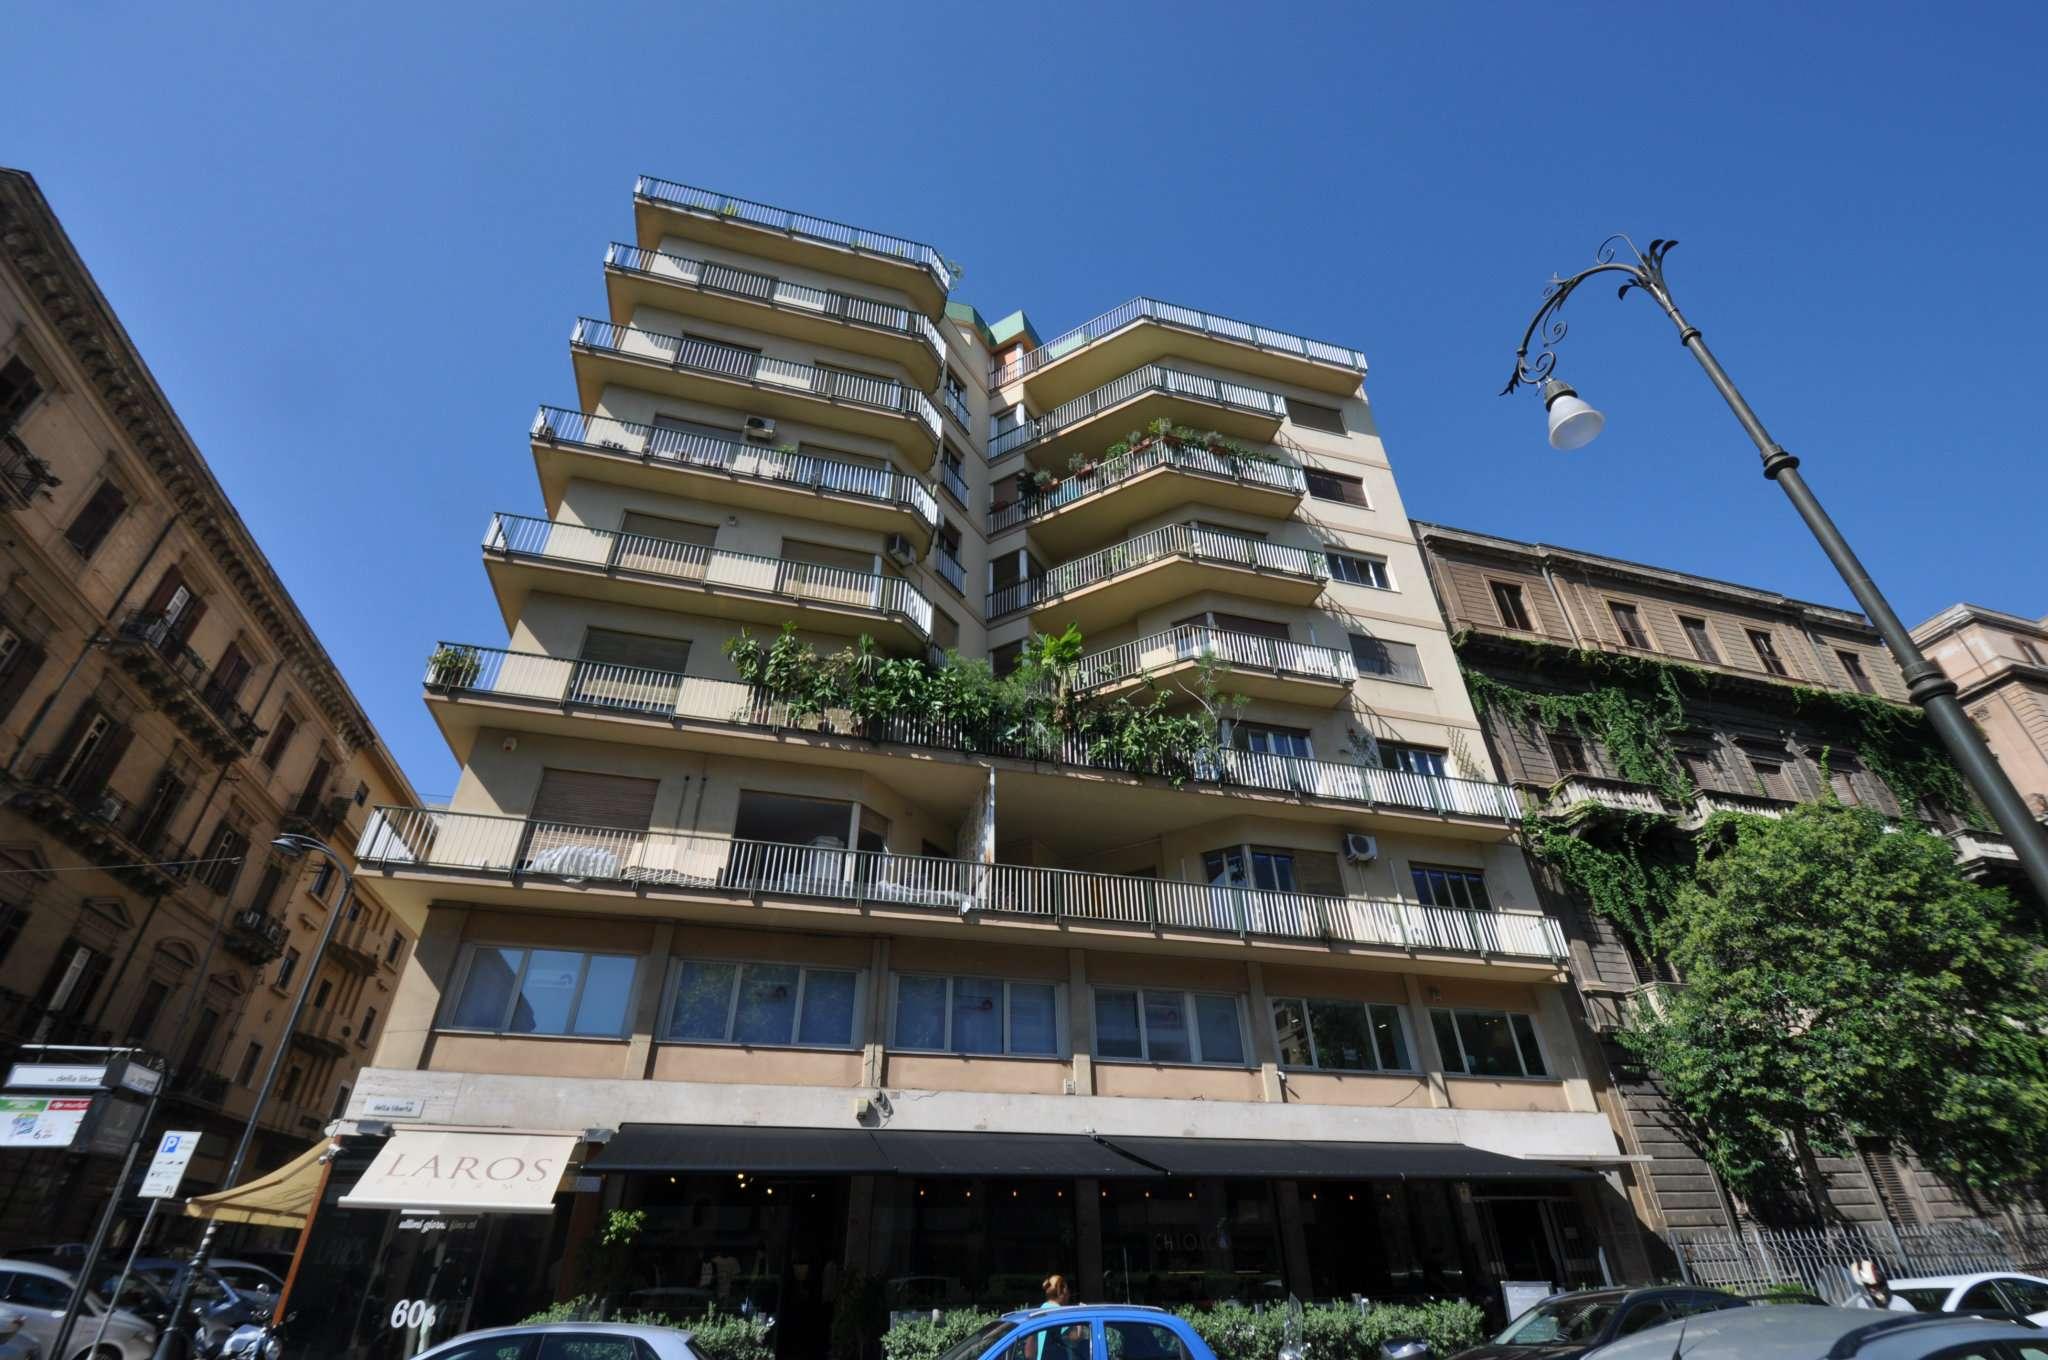 Ufficio-studio in Affitto a Palermo: 5 locali, 190 mq